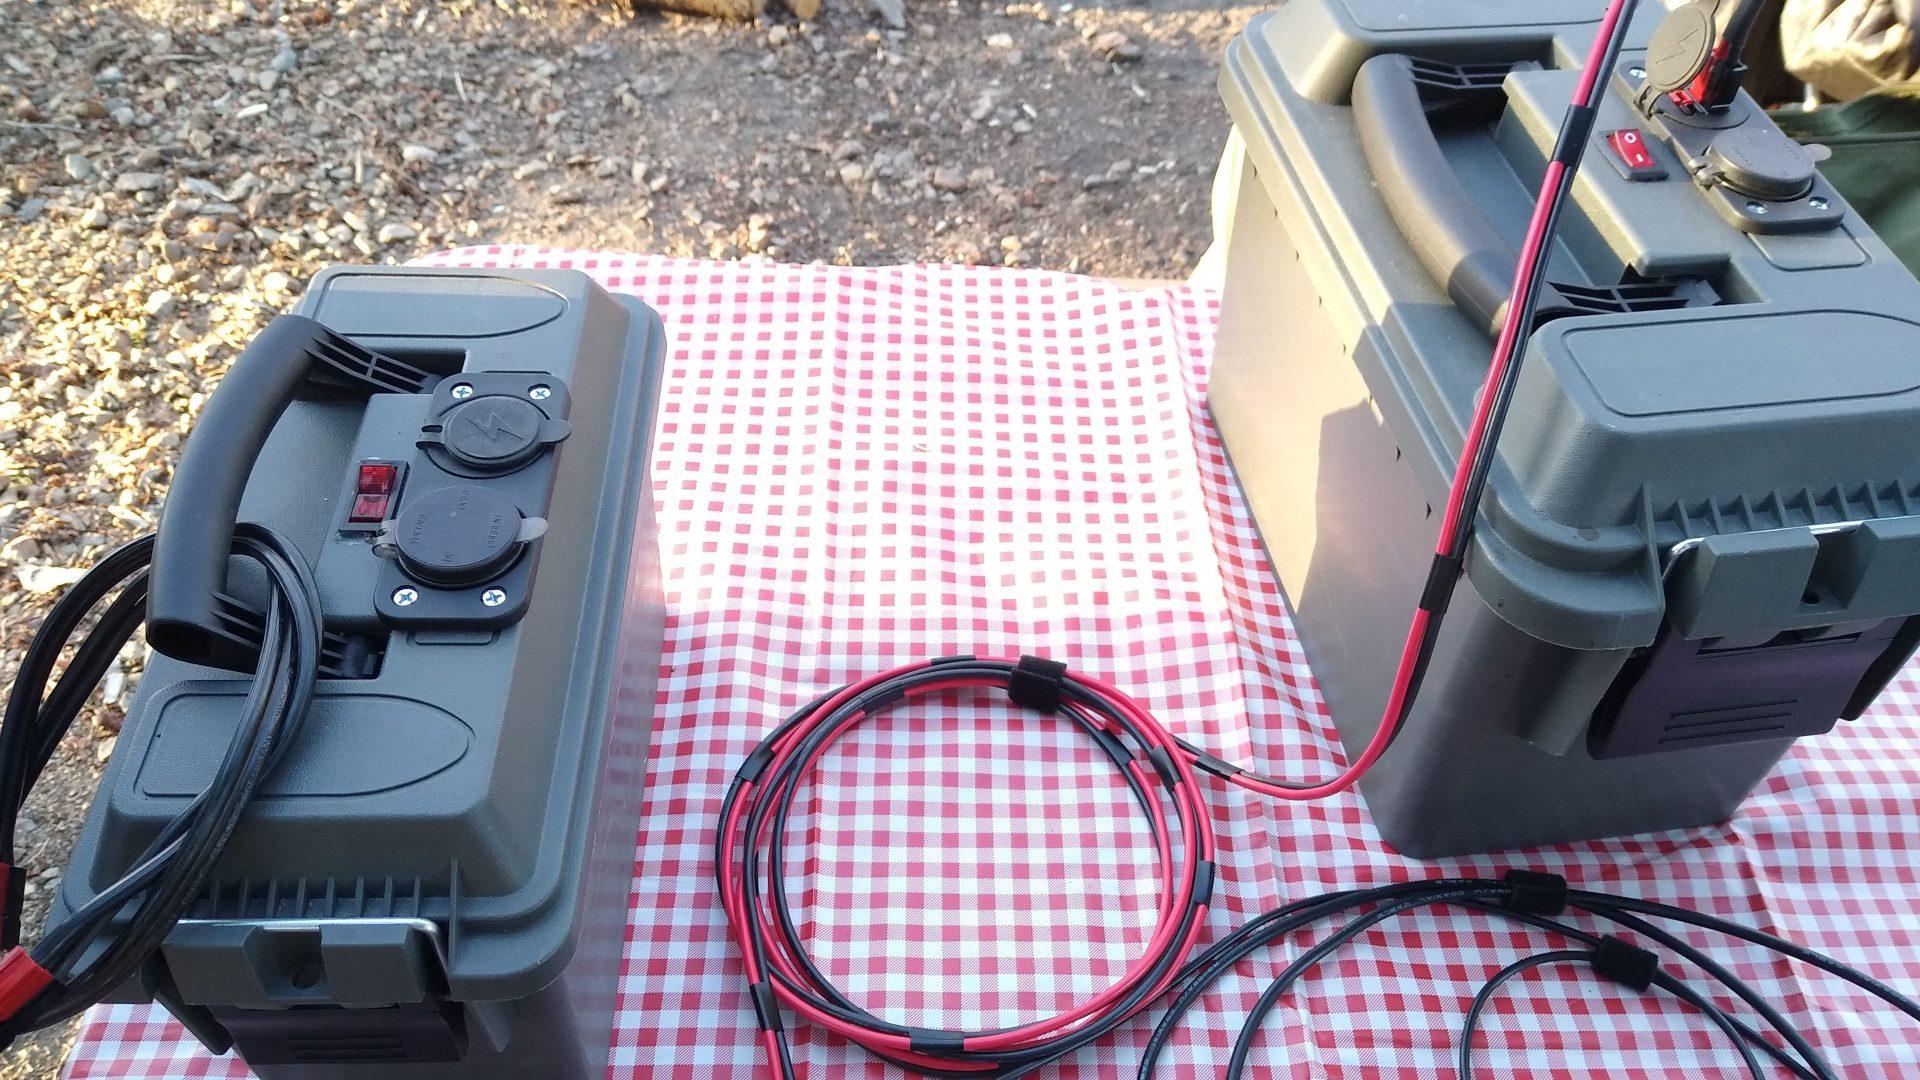 Ham radio battery packs